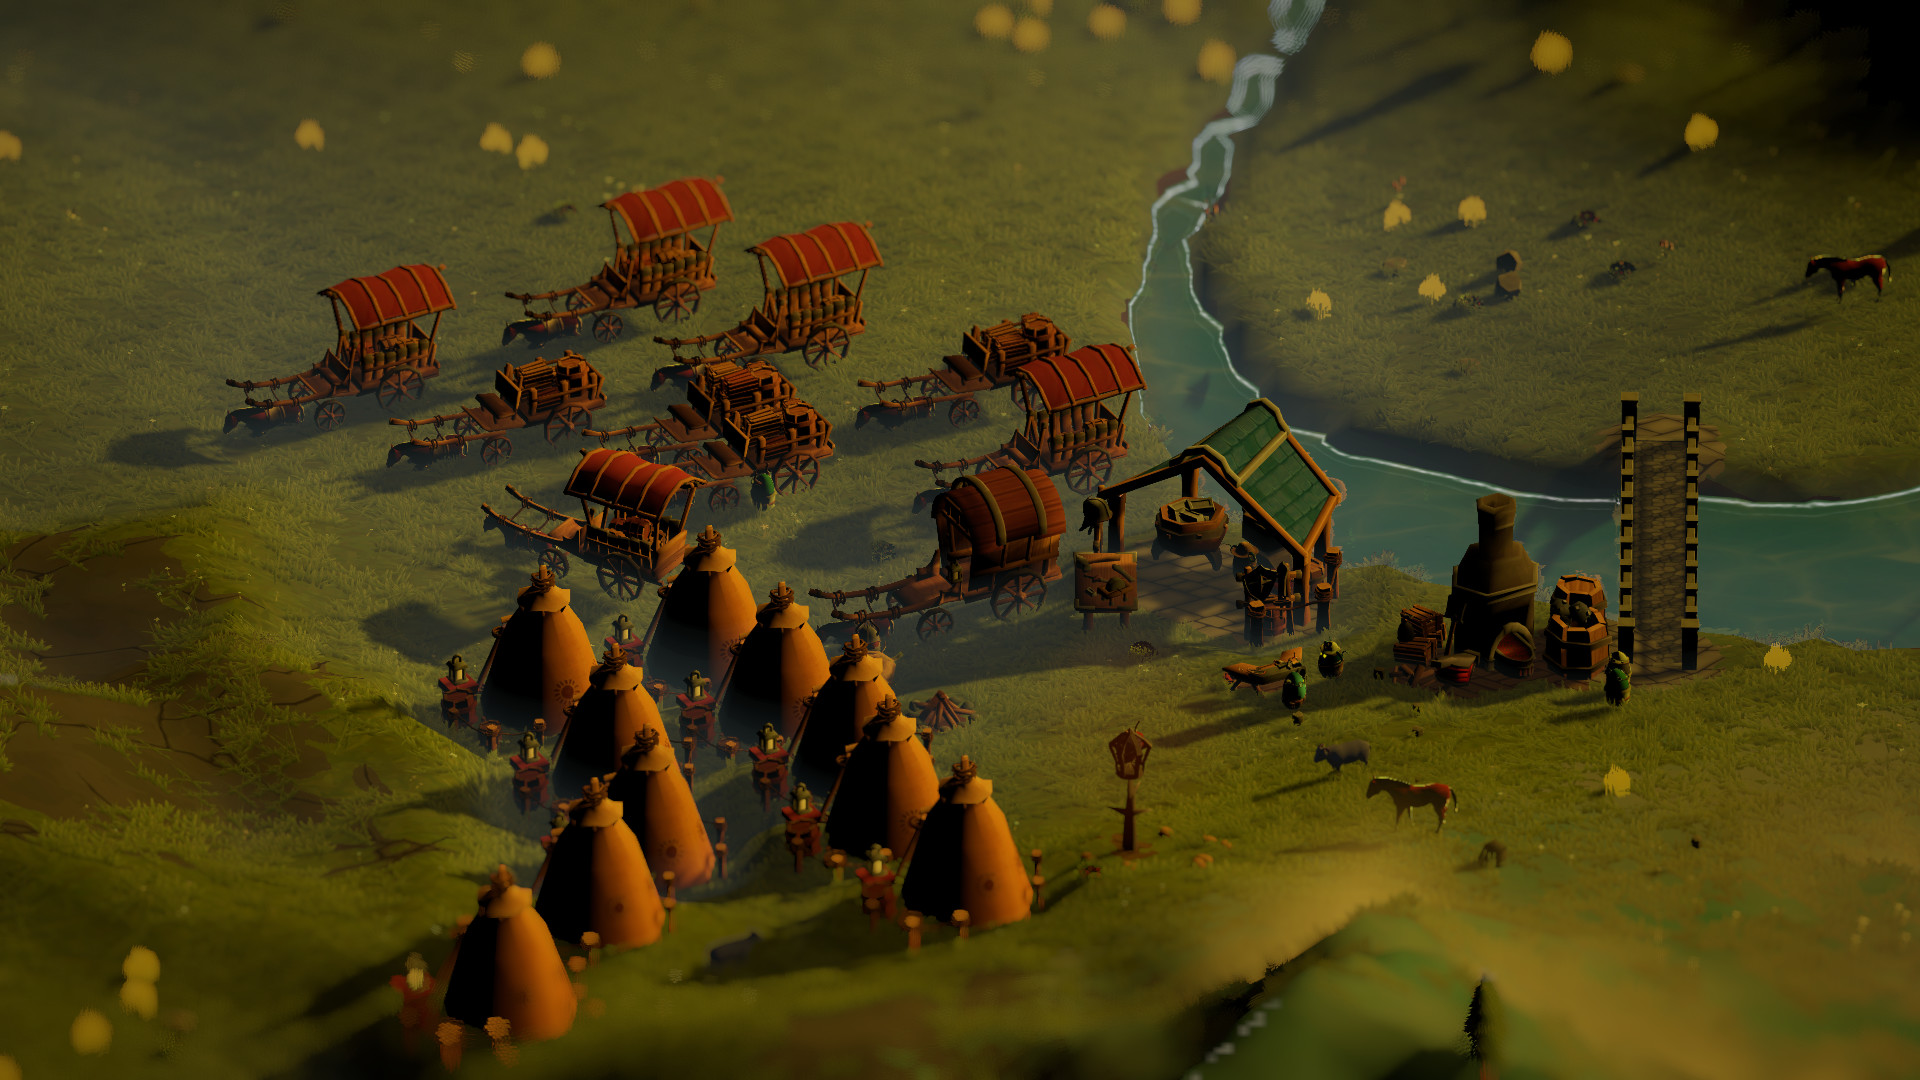 建设研究加制造 生存游戏《蛋世界》预告片发布